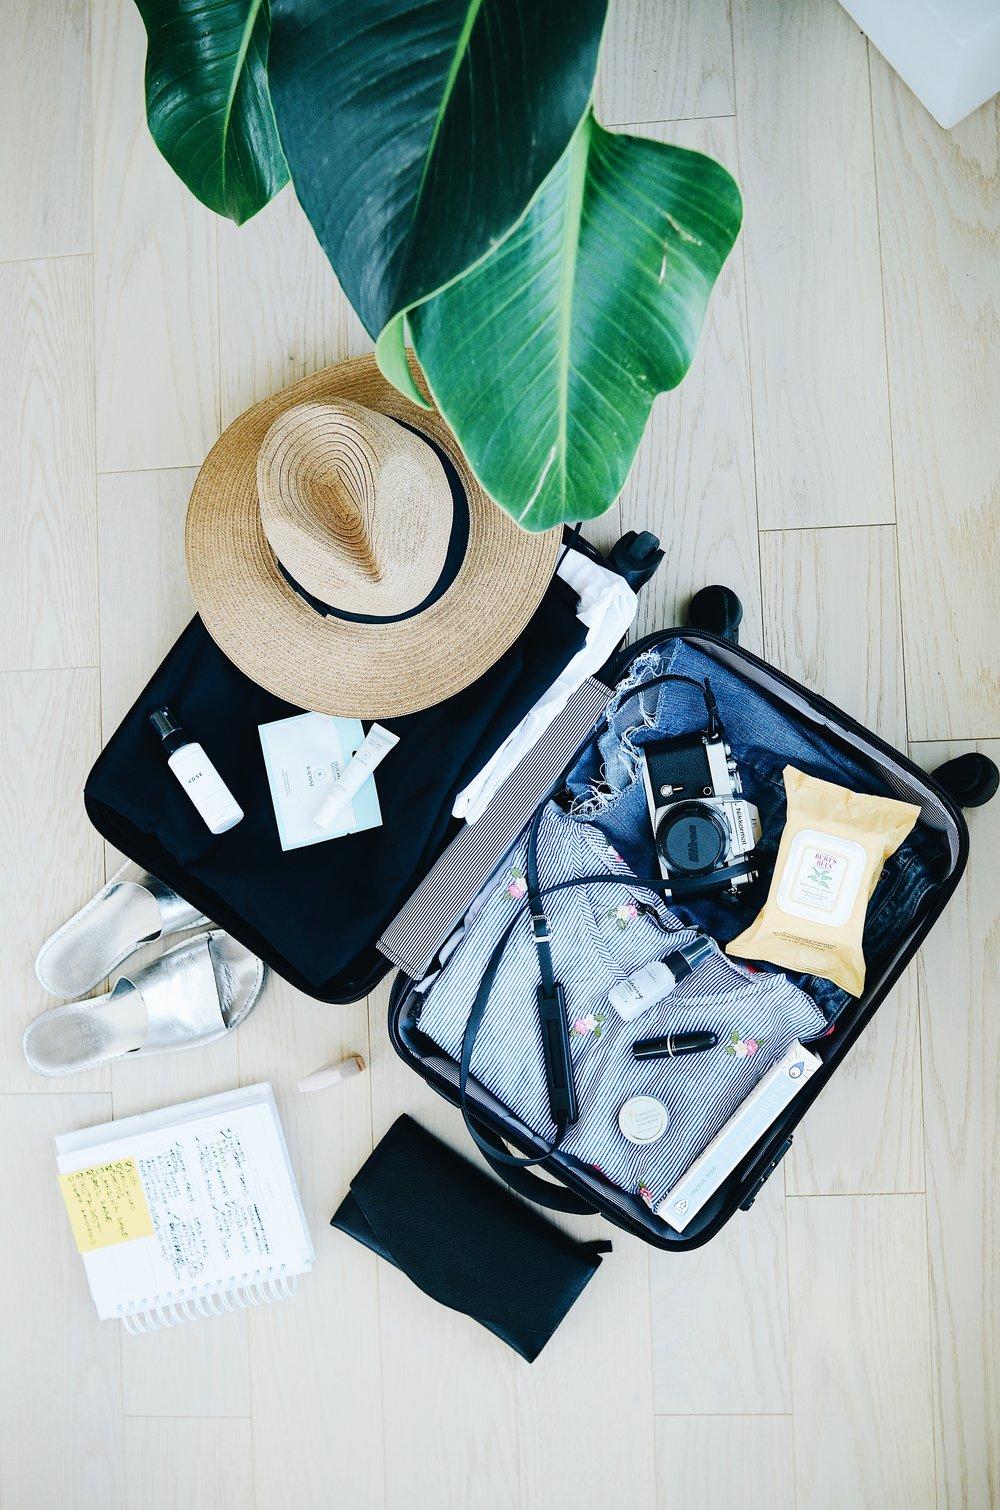 Haz un inventario de las cosas que necesitarás - Tomando en cuenta tus destinos, actividades y excursiones haz una lista de accesorios, ropa y equipos que necesitarás para poder realizarlas y disfrutar de ellos. Toma en cuenta cuáles serán las condiciones del tiempo en la temporada que vas a visitar. ¿Visitarás lugares que requieren algún tipo de vestimenta? ¿Es necesario ese accesorio o lo puedo comprar en el destino mucho más barato y ahorrarme ese espacio en el equipaje?